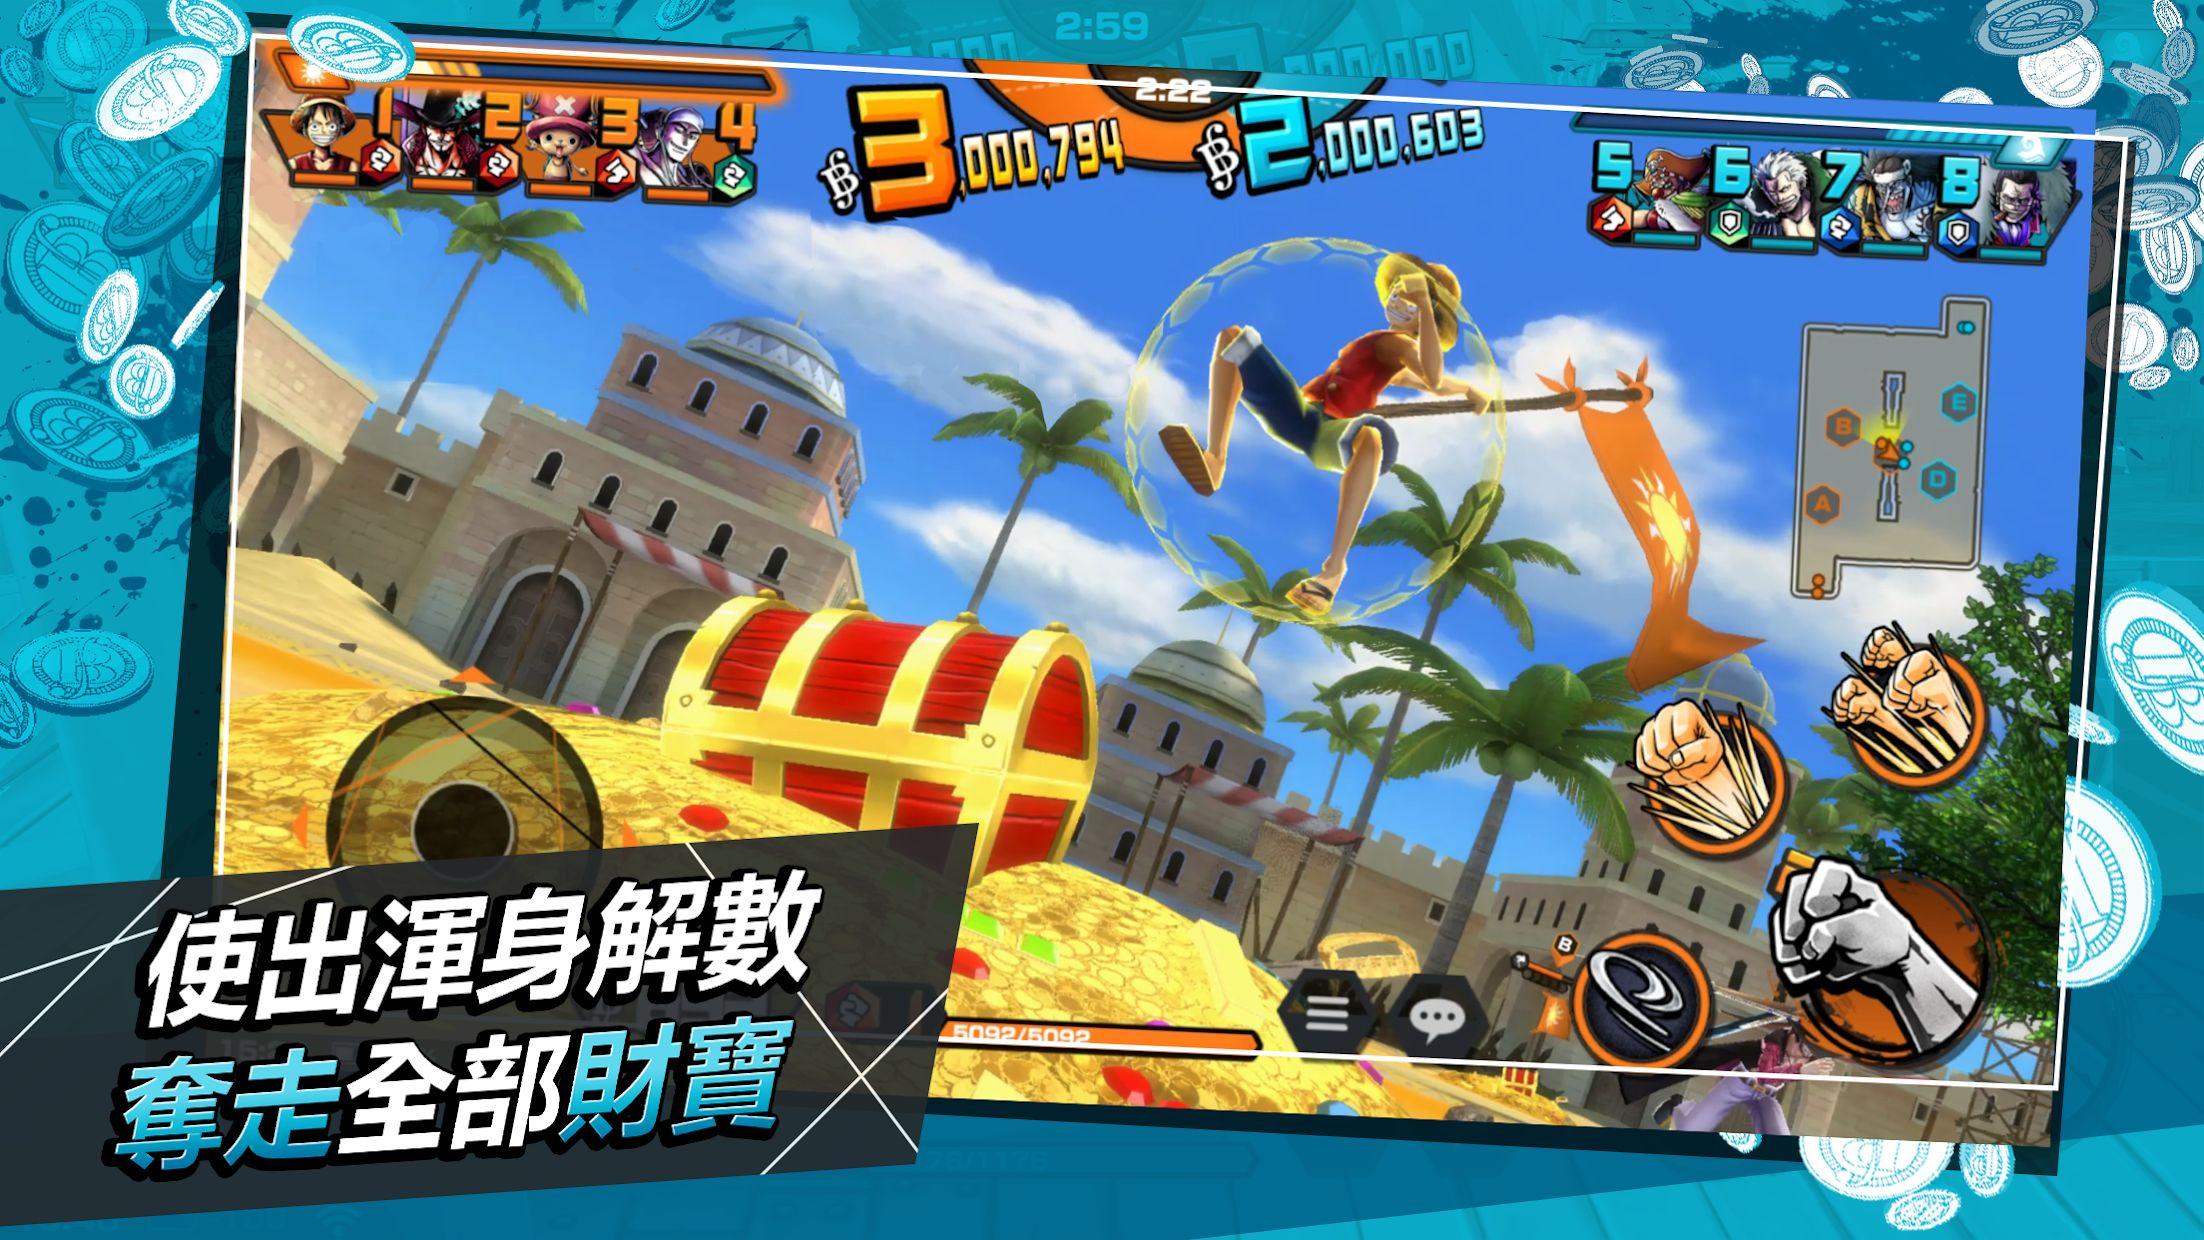 海贼王 赏金猎人(ONE PIECE Bounty Rush) 游戏截图2